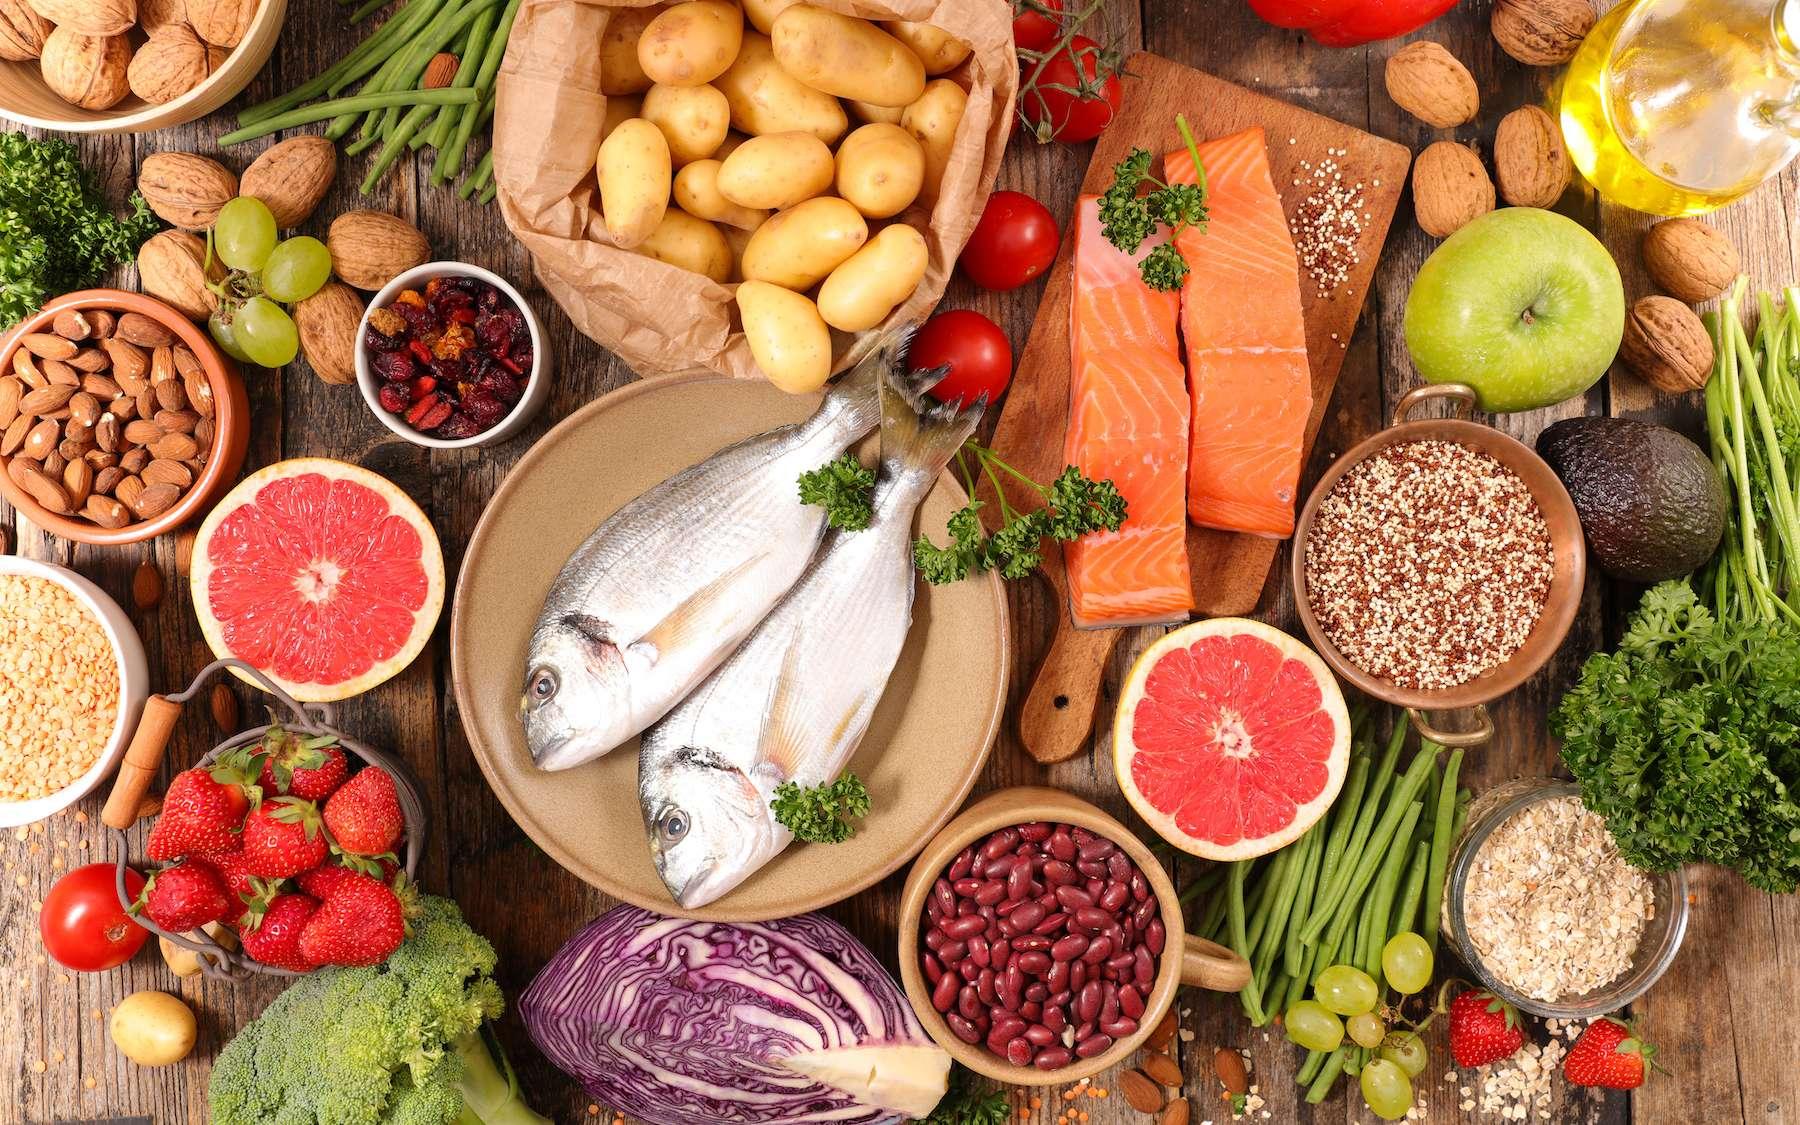 Dorade, chou, agrumes… Les produits de saison de janvier. © M.studio, Adobe Stock